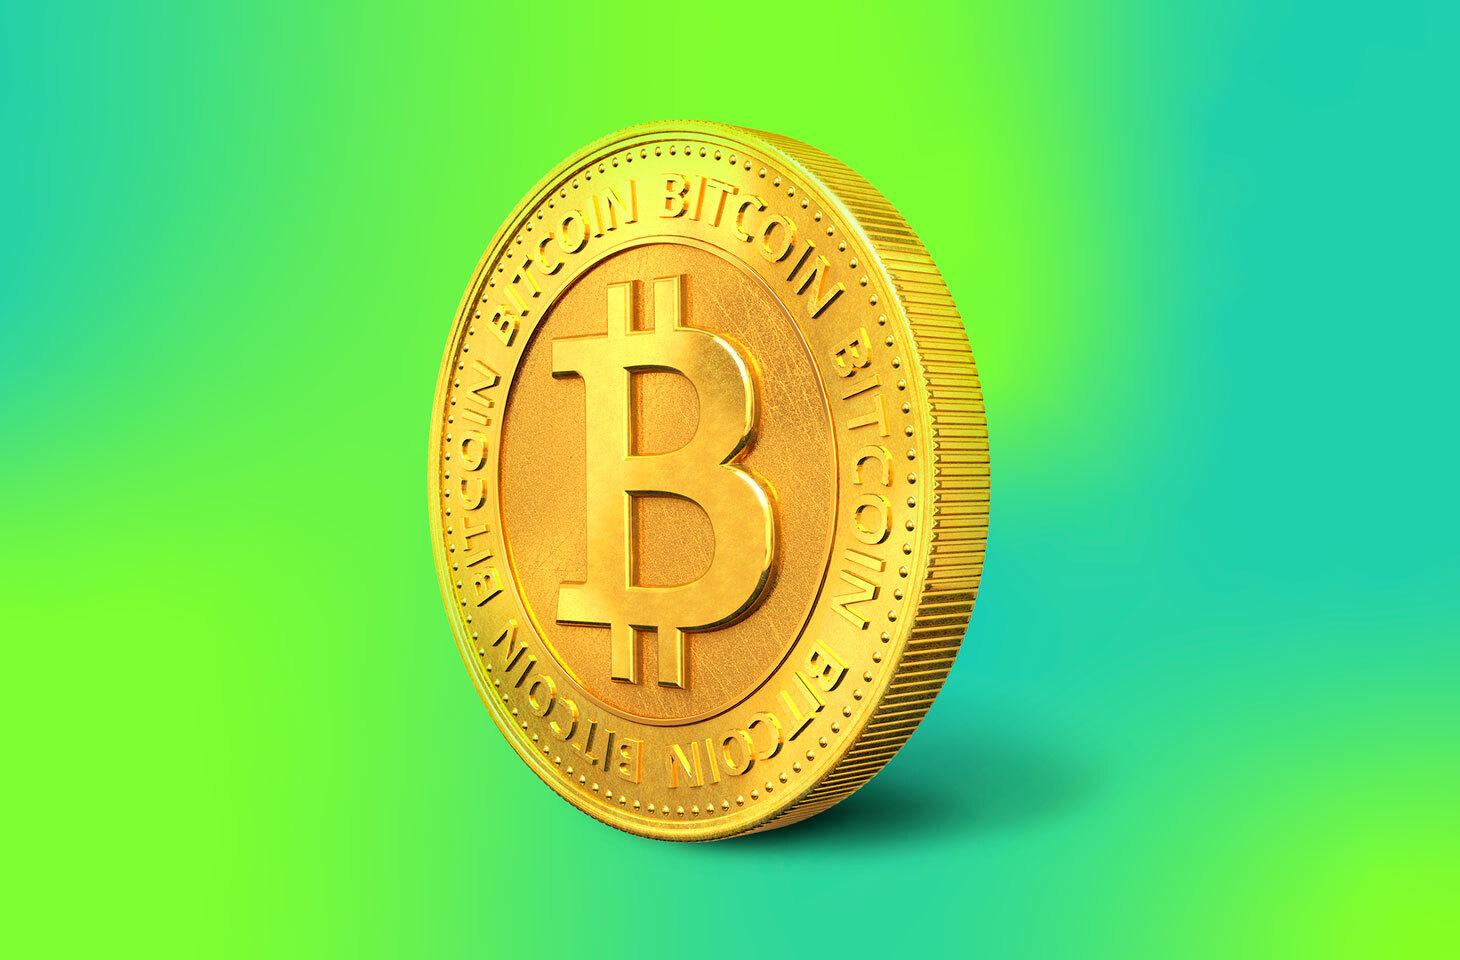 Auto bitcoin trading